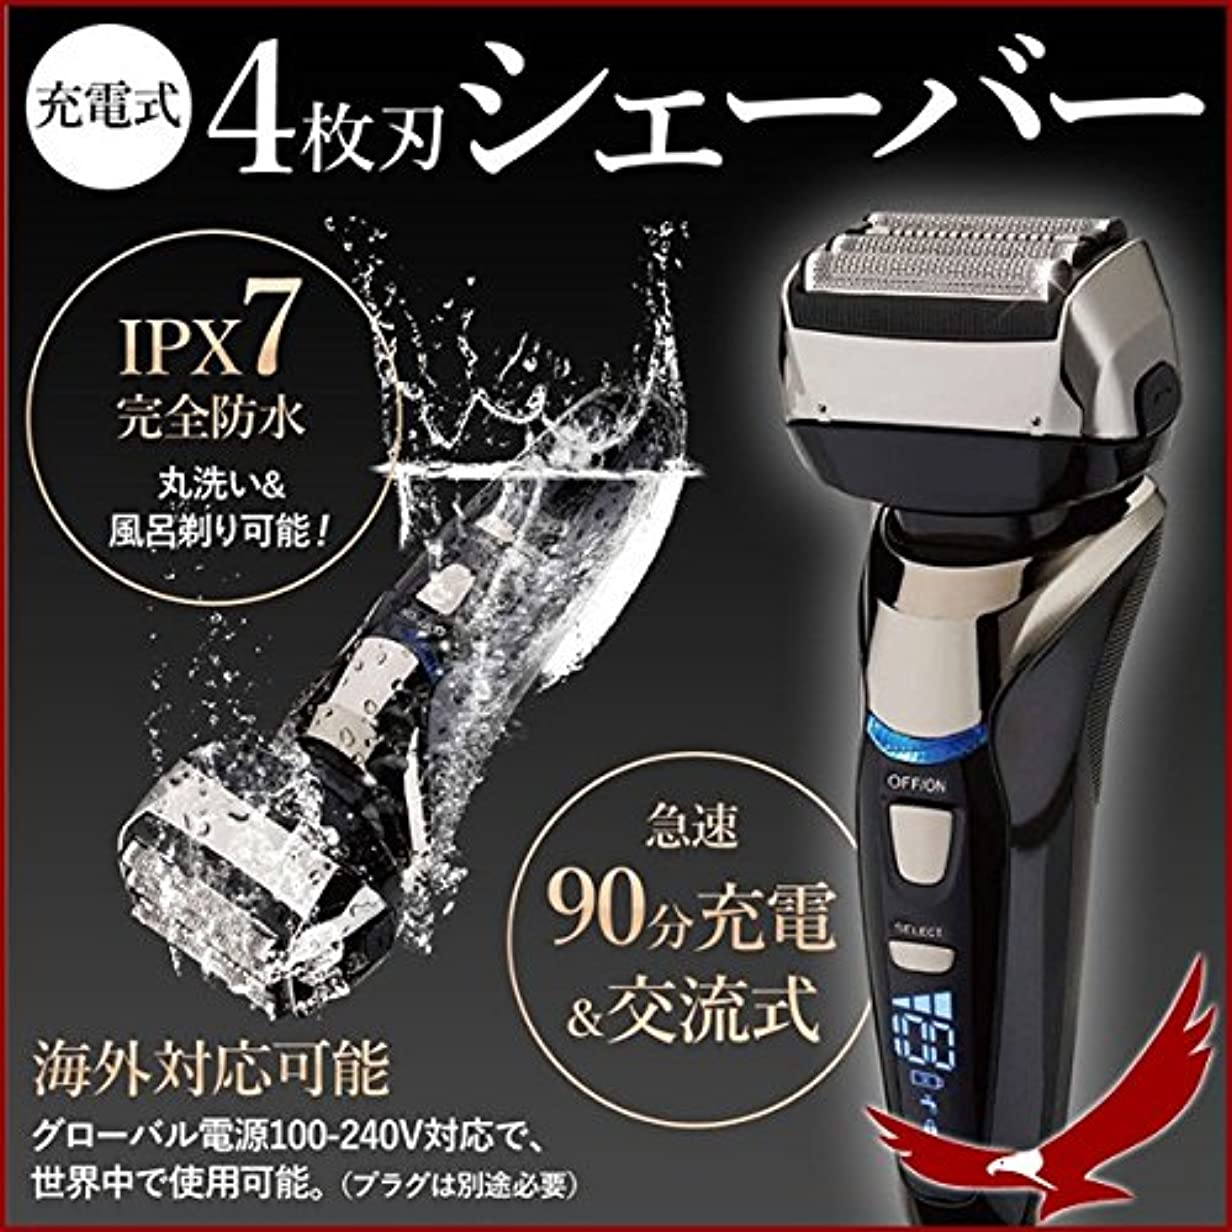 悲しいことにほかに害4枚刃充交両用シェーバー GD-S401 完全防水!丸洗いOK! (黒)